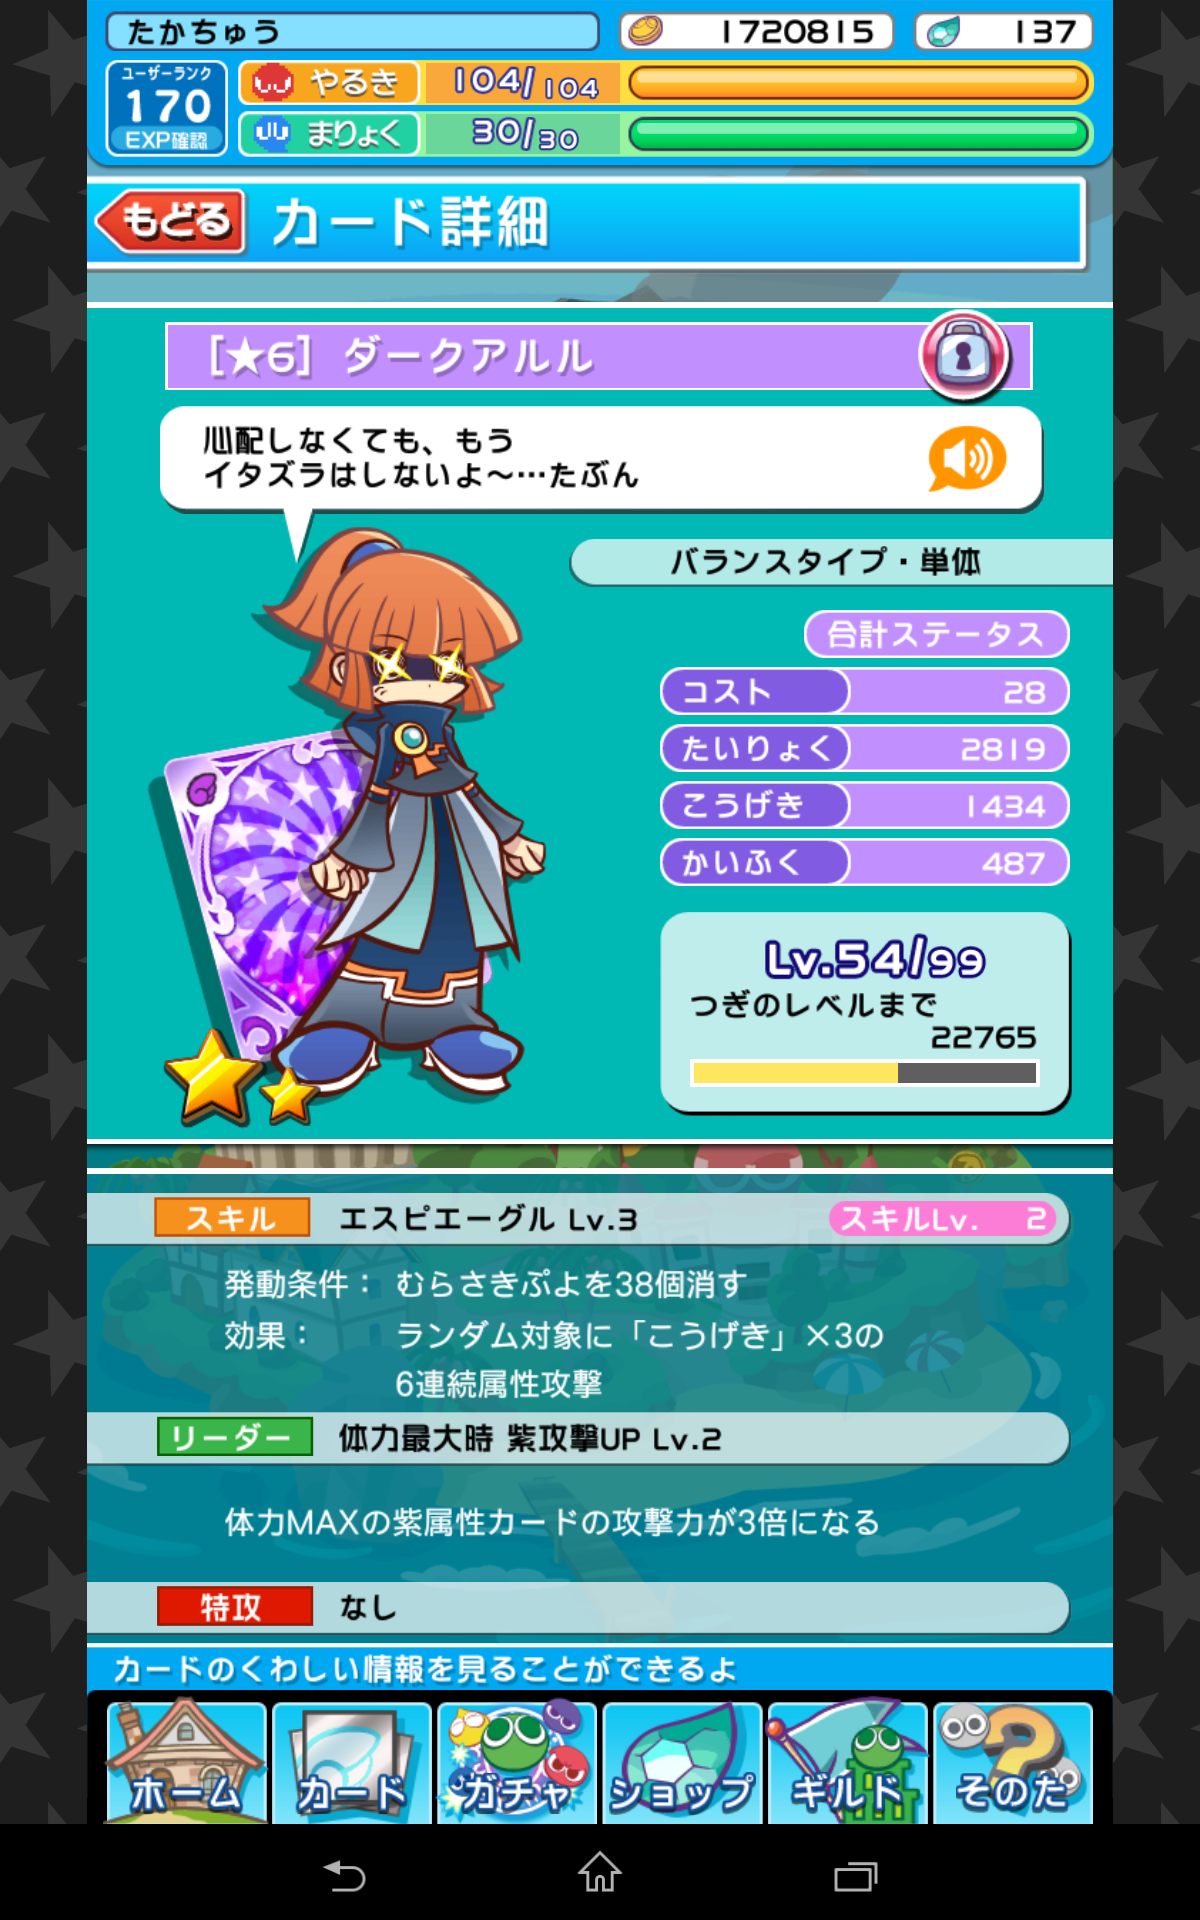 (150712) ぷよクエ-☆6ダークアルル